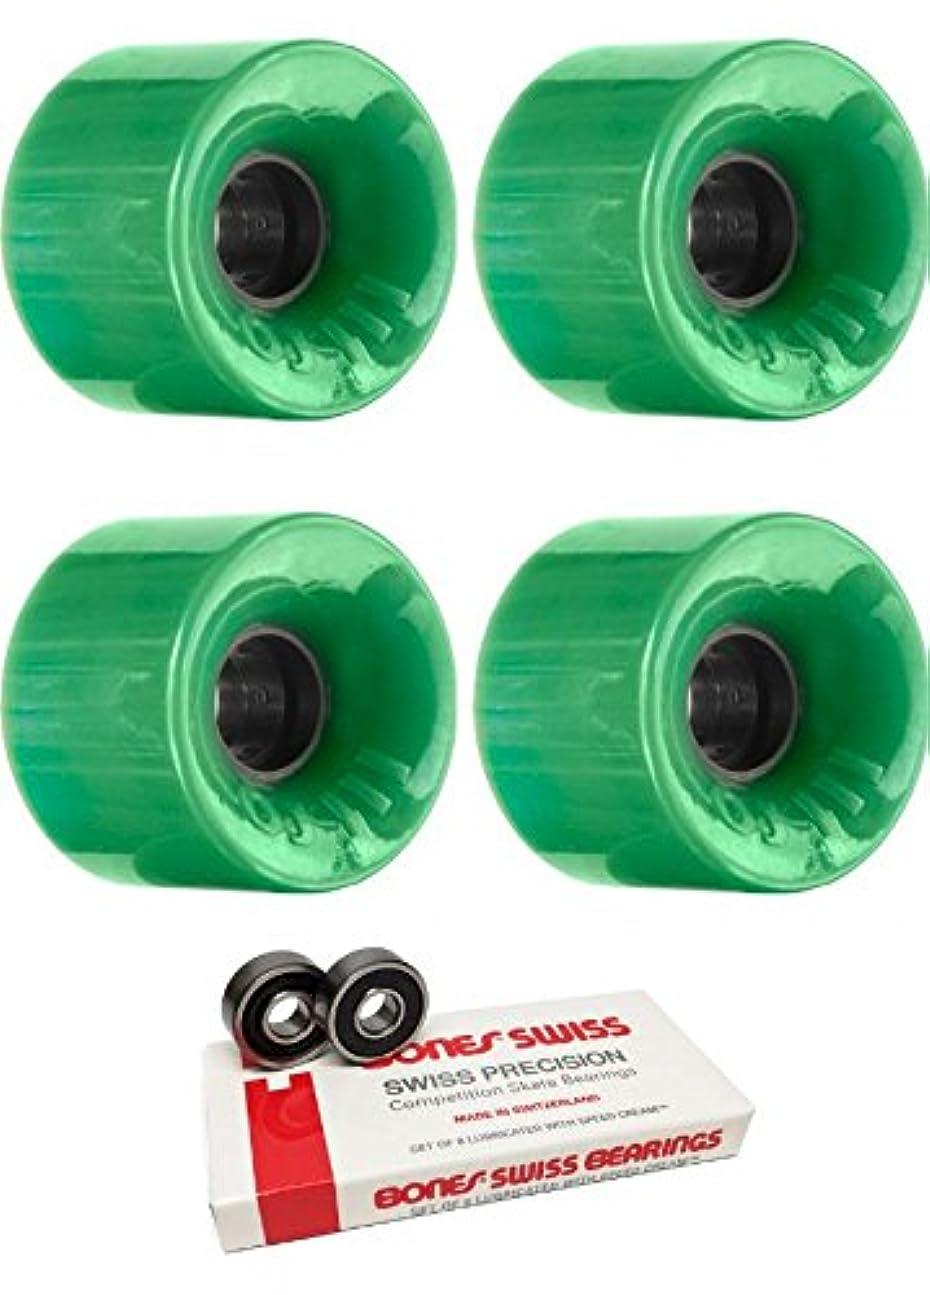 戻すコンデンサーどちらも60 mm OJ Wheels Hot JuiceスケートボードWheels with Bones Bearings – 8 mm Bones Swiss Skateboard Bearings – 2アイテムのバンドル